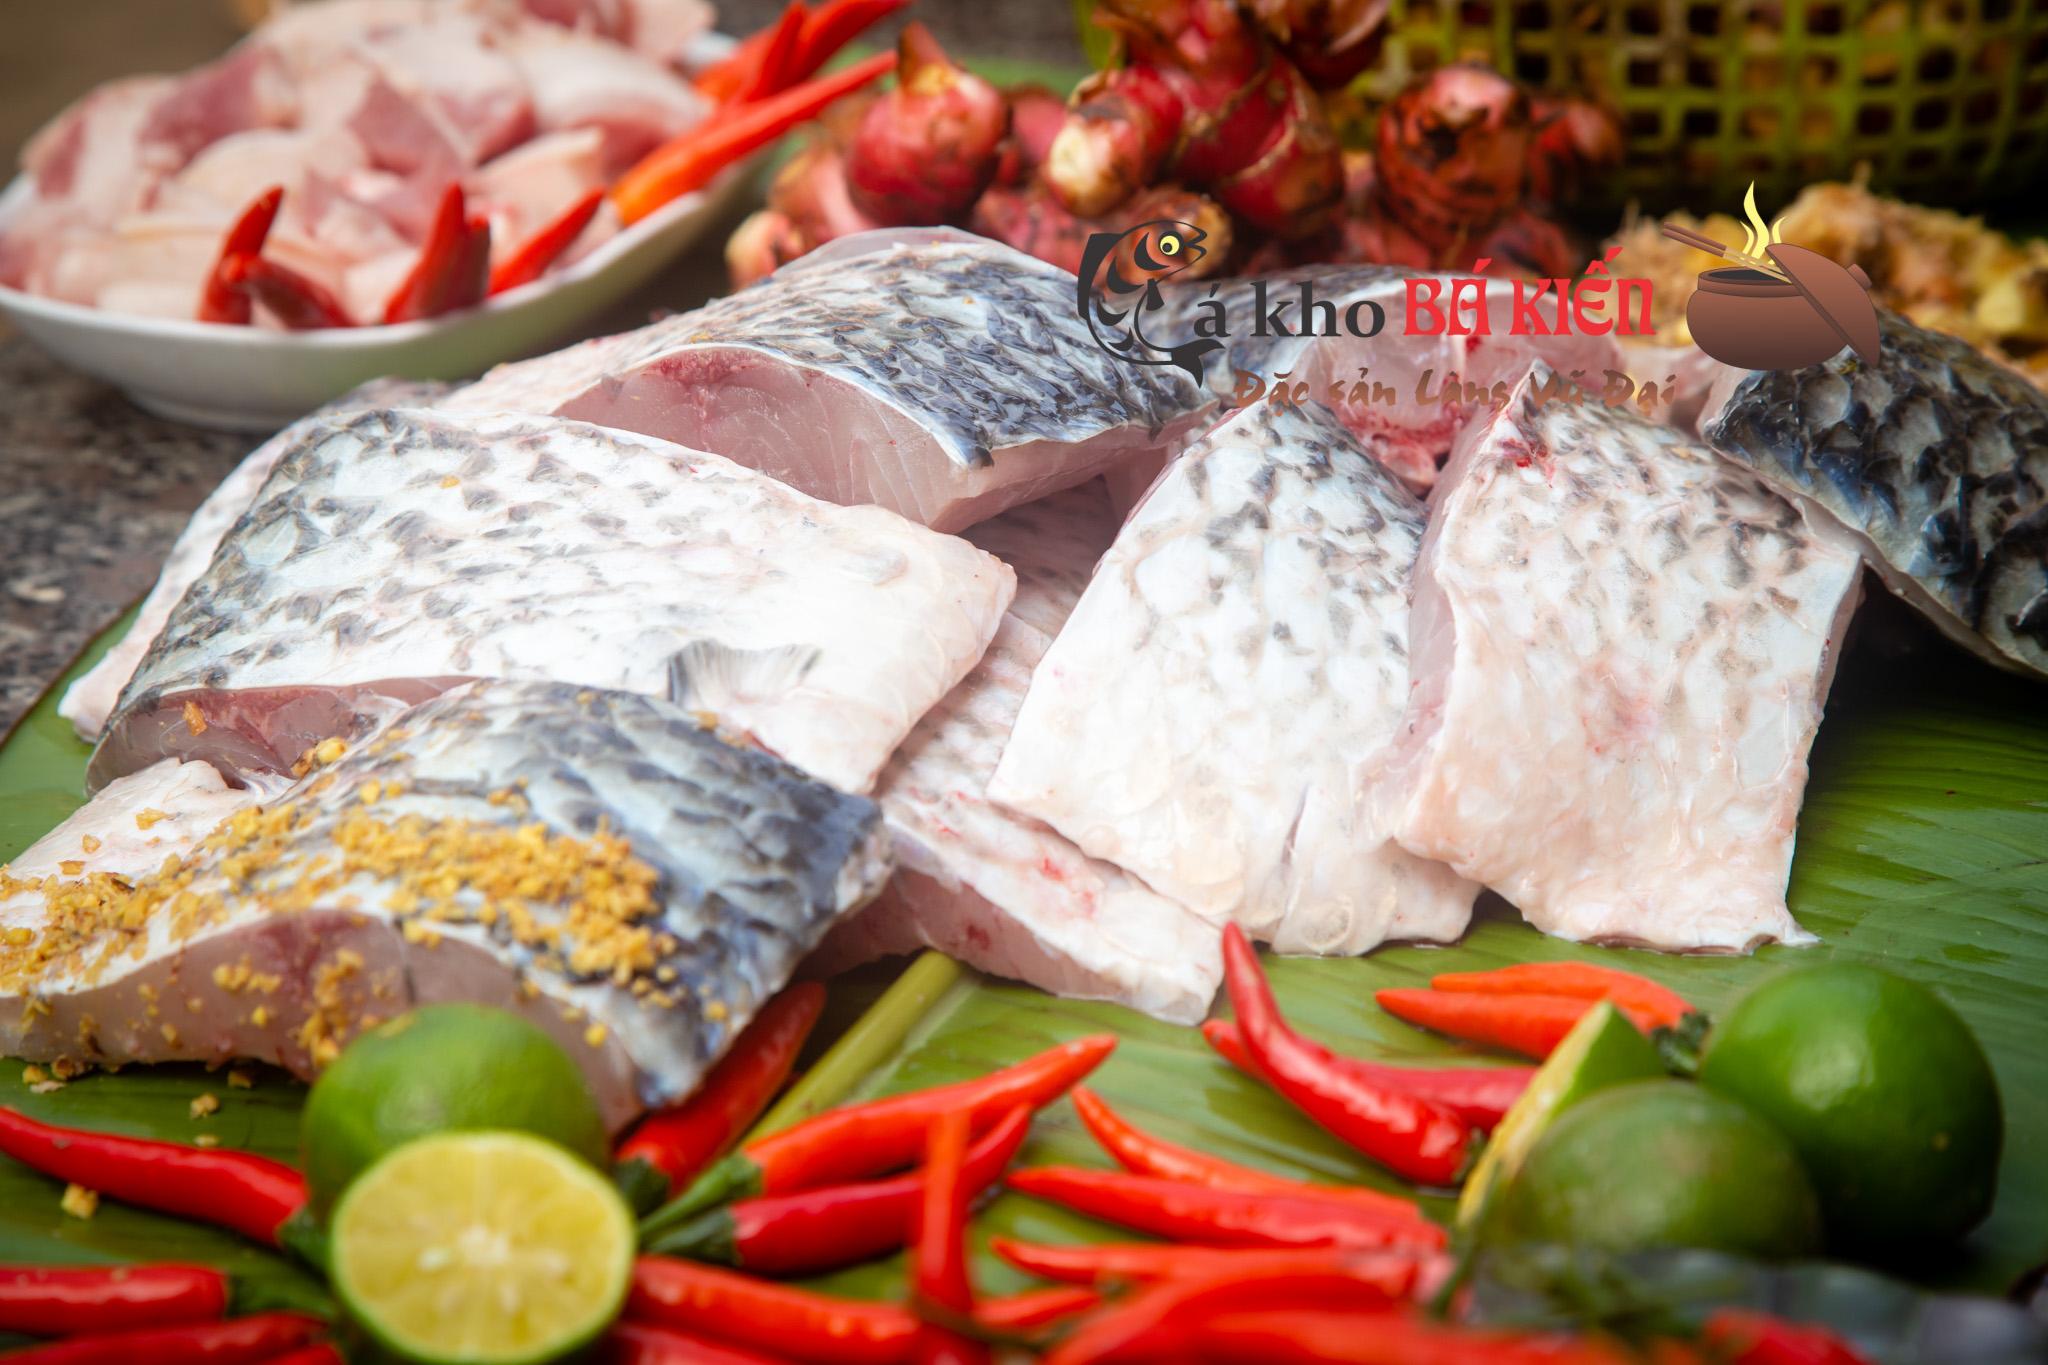 Nguyên liệu chính là cá trắm đen có trọng lượng tối thiểu 3kg